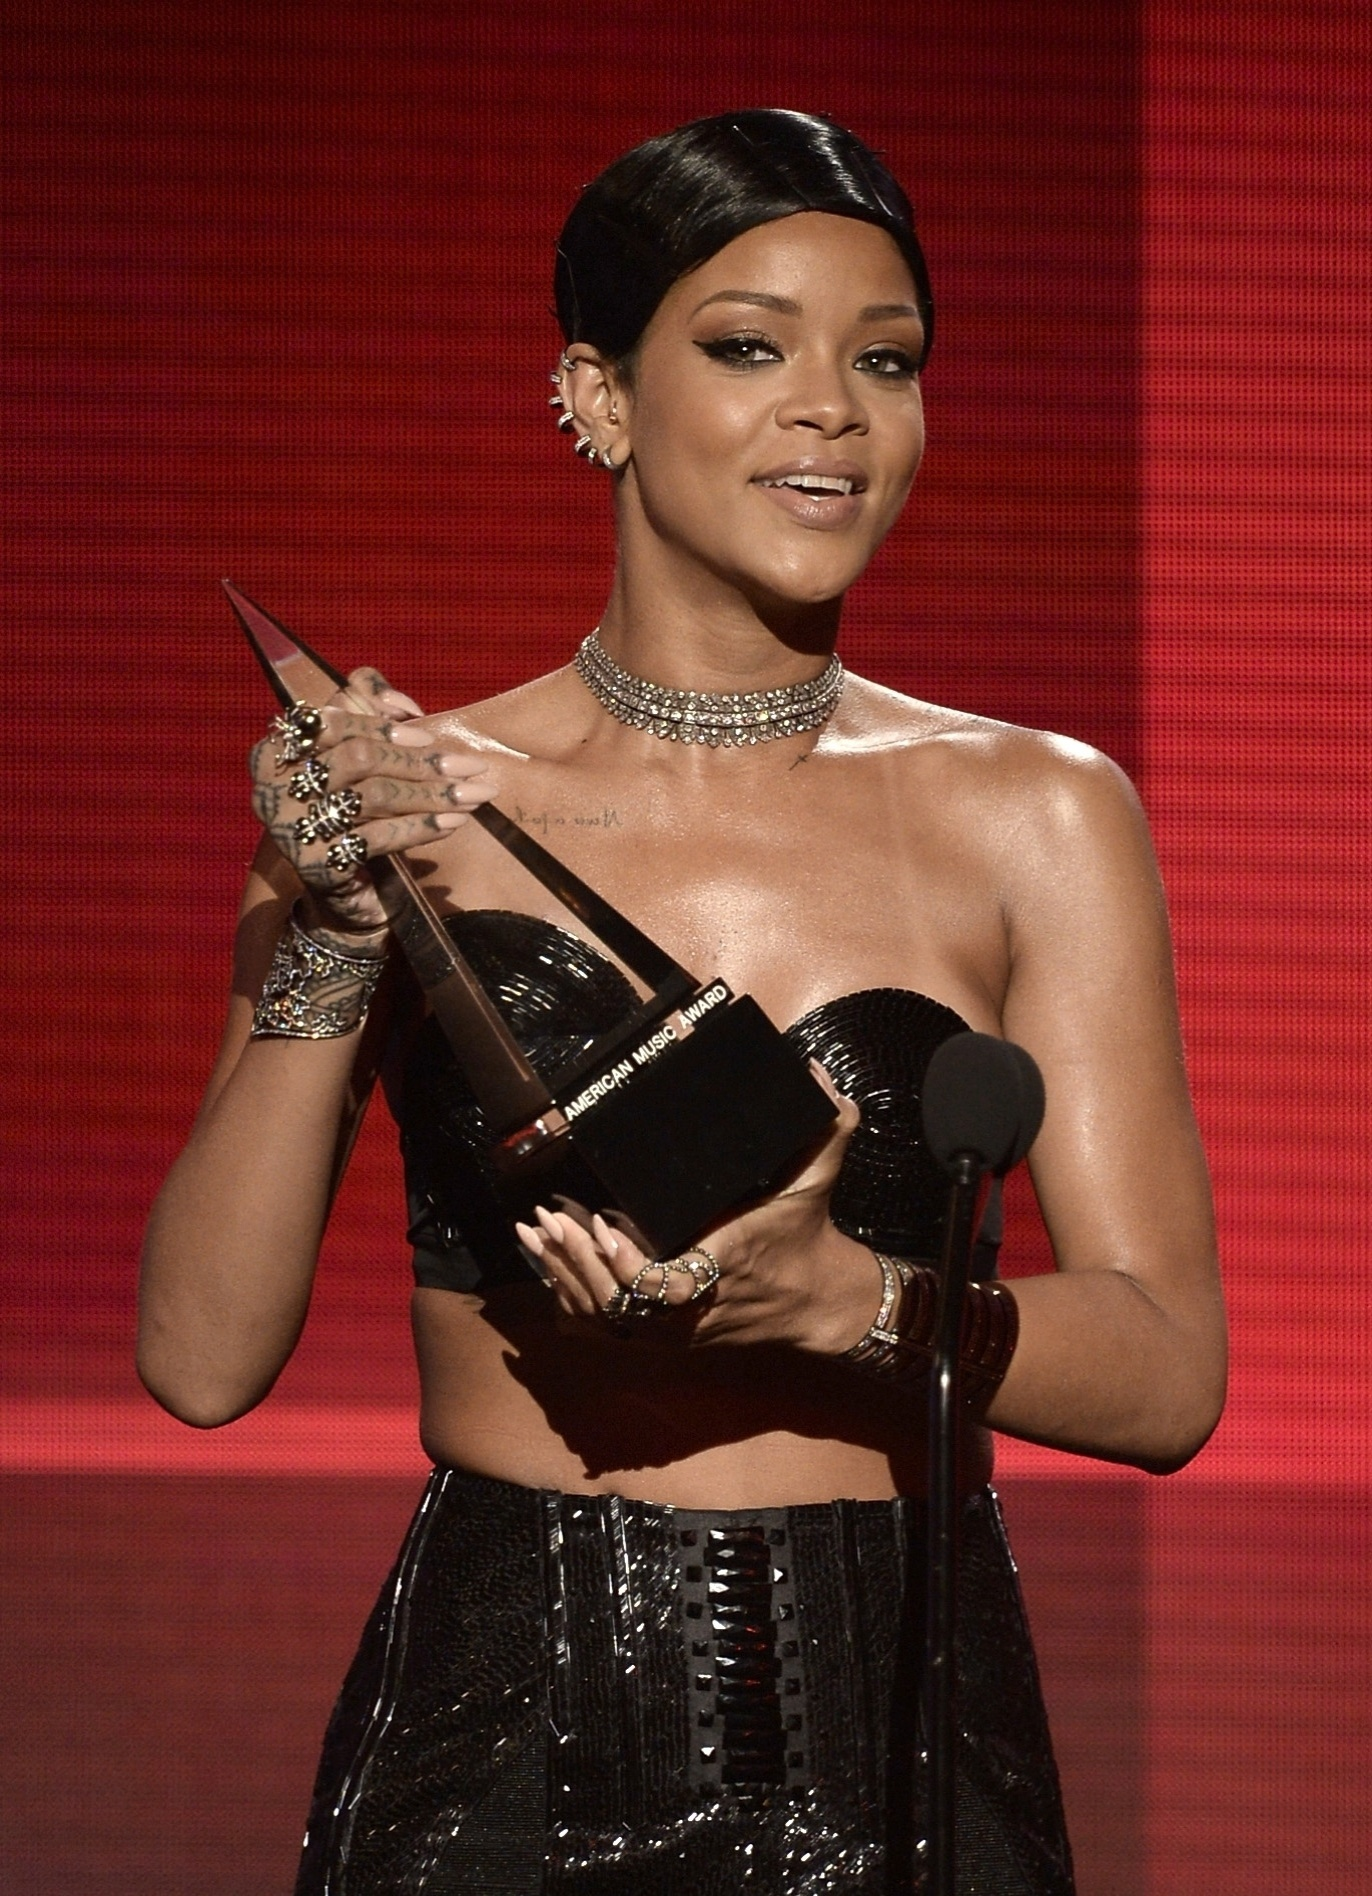 24.nov.2013 - Rihanna recebe o prêmio de melhor artista feminina de Soul/R&B no AMA 2013